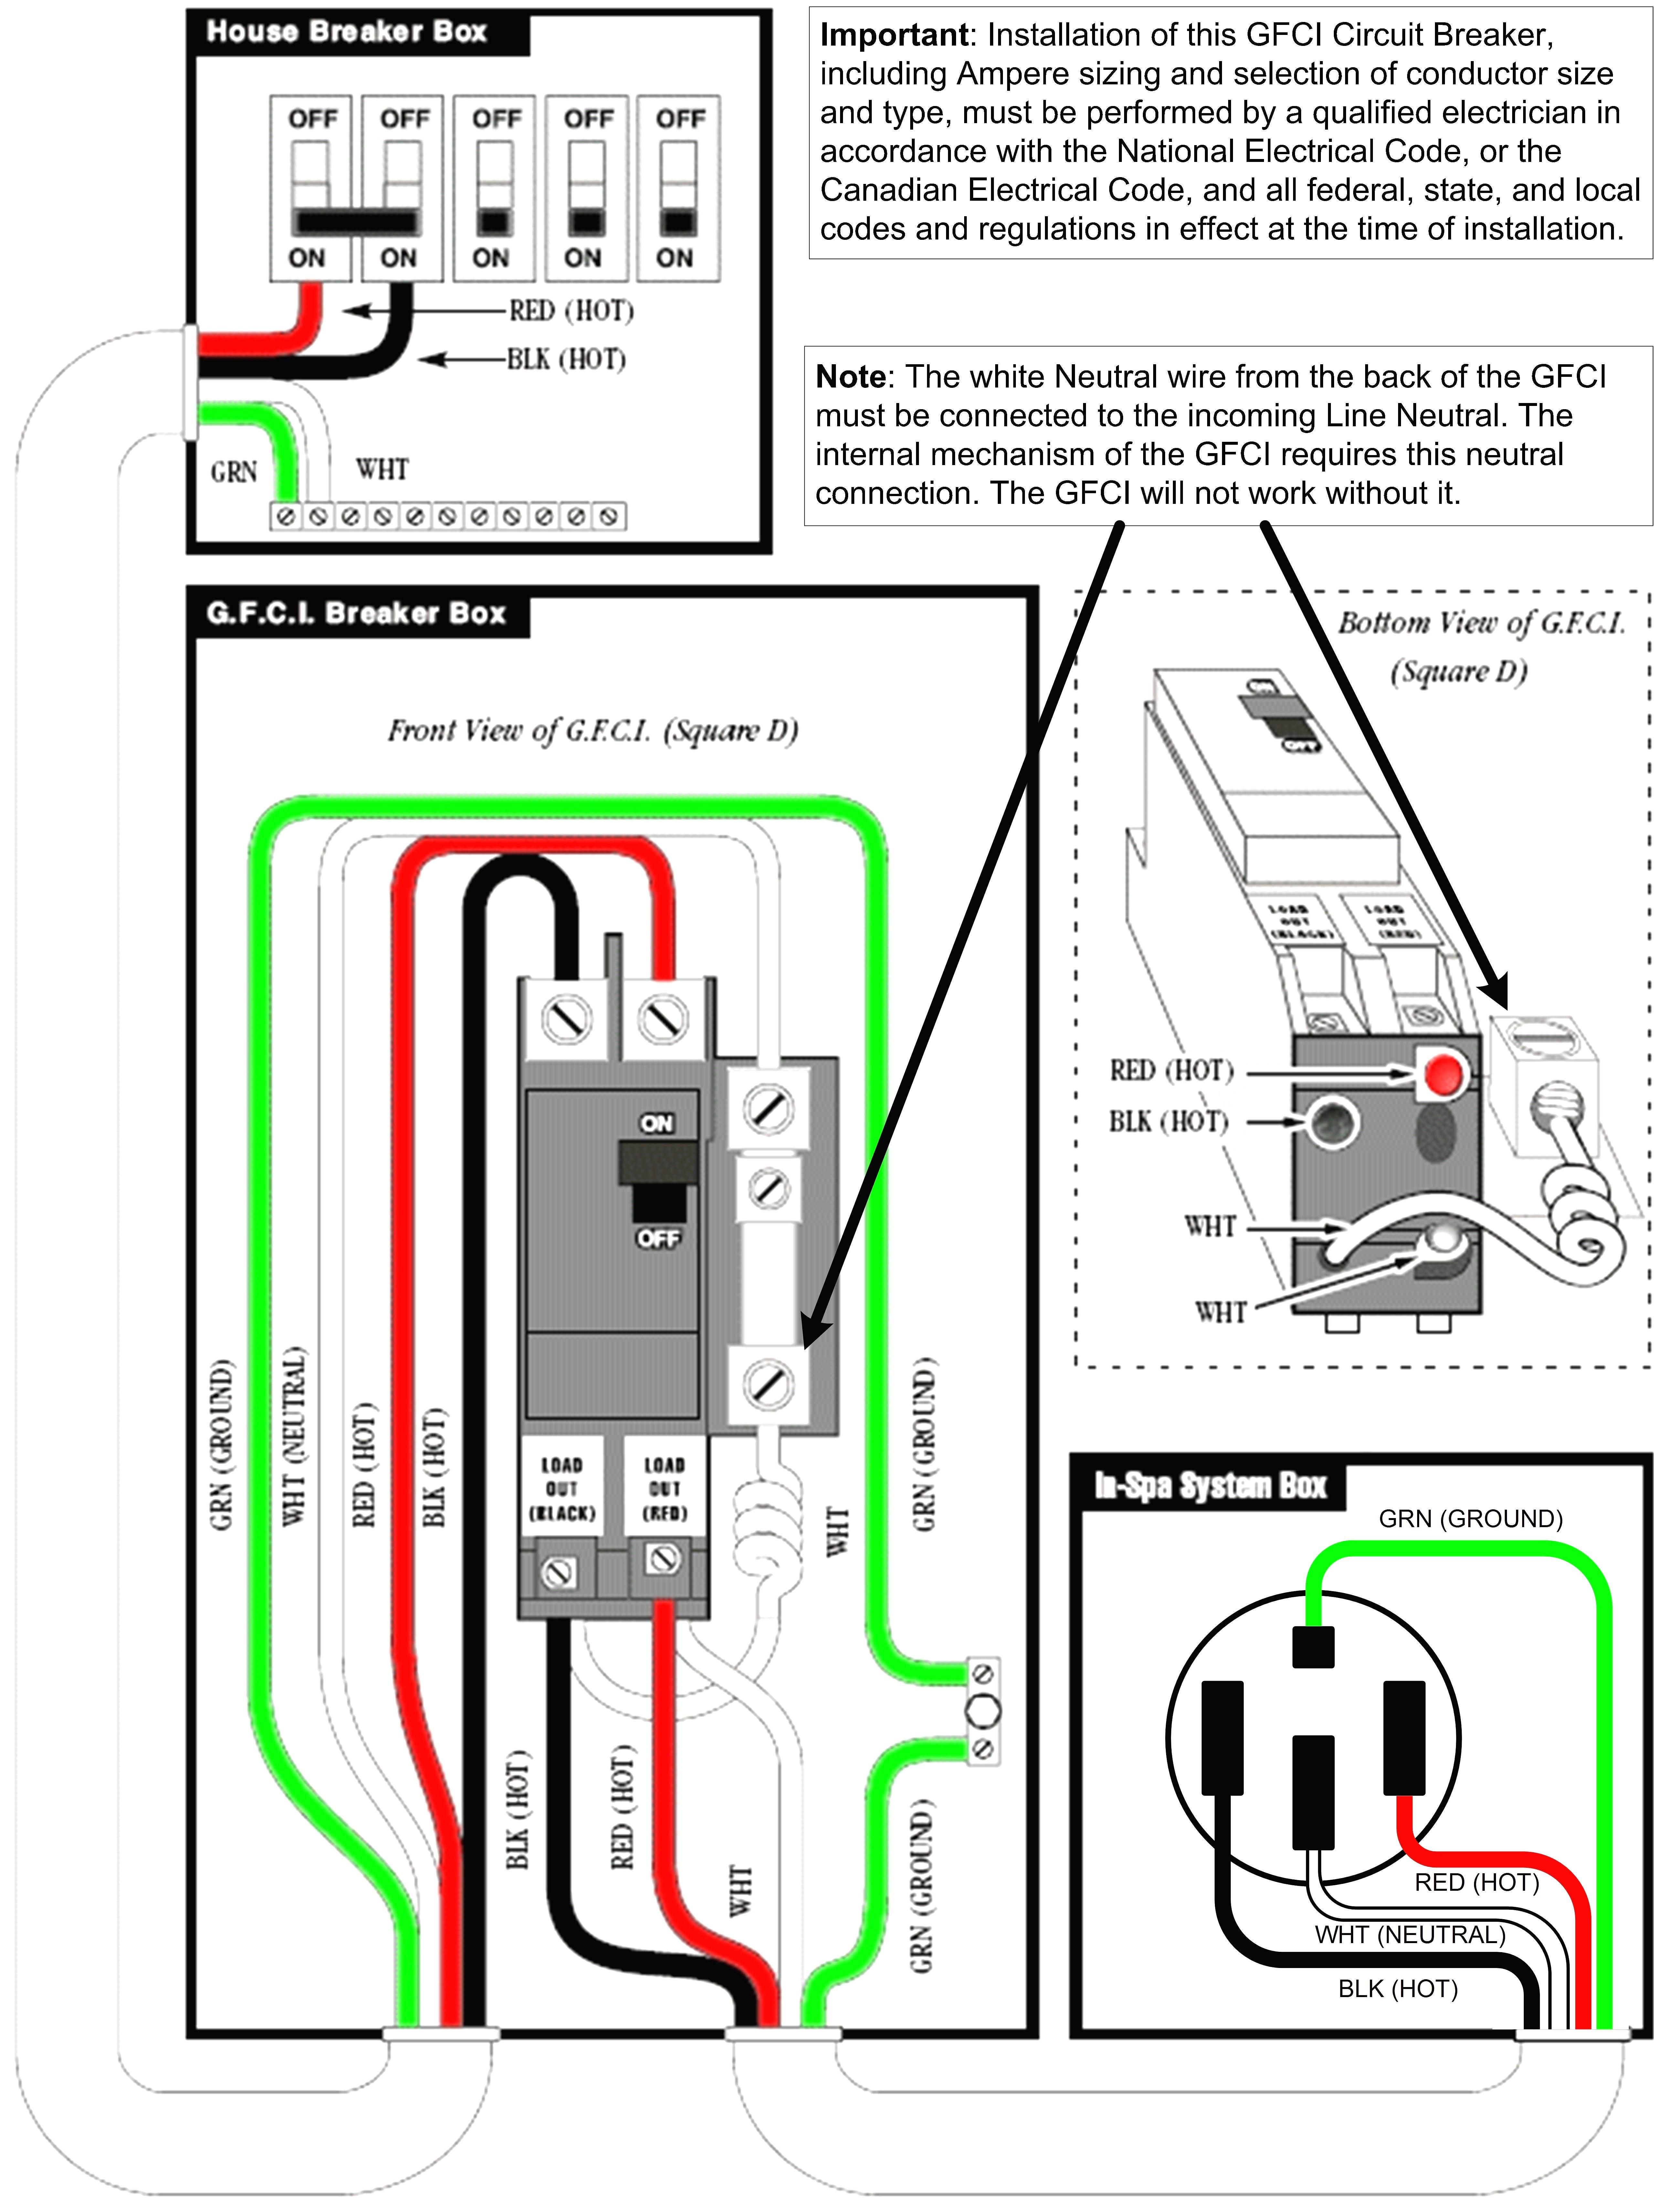 4 Wire 220 Plug Wiring - Data Wiring Diagram Schematic - Plug Wiring Diagram